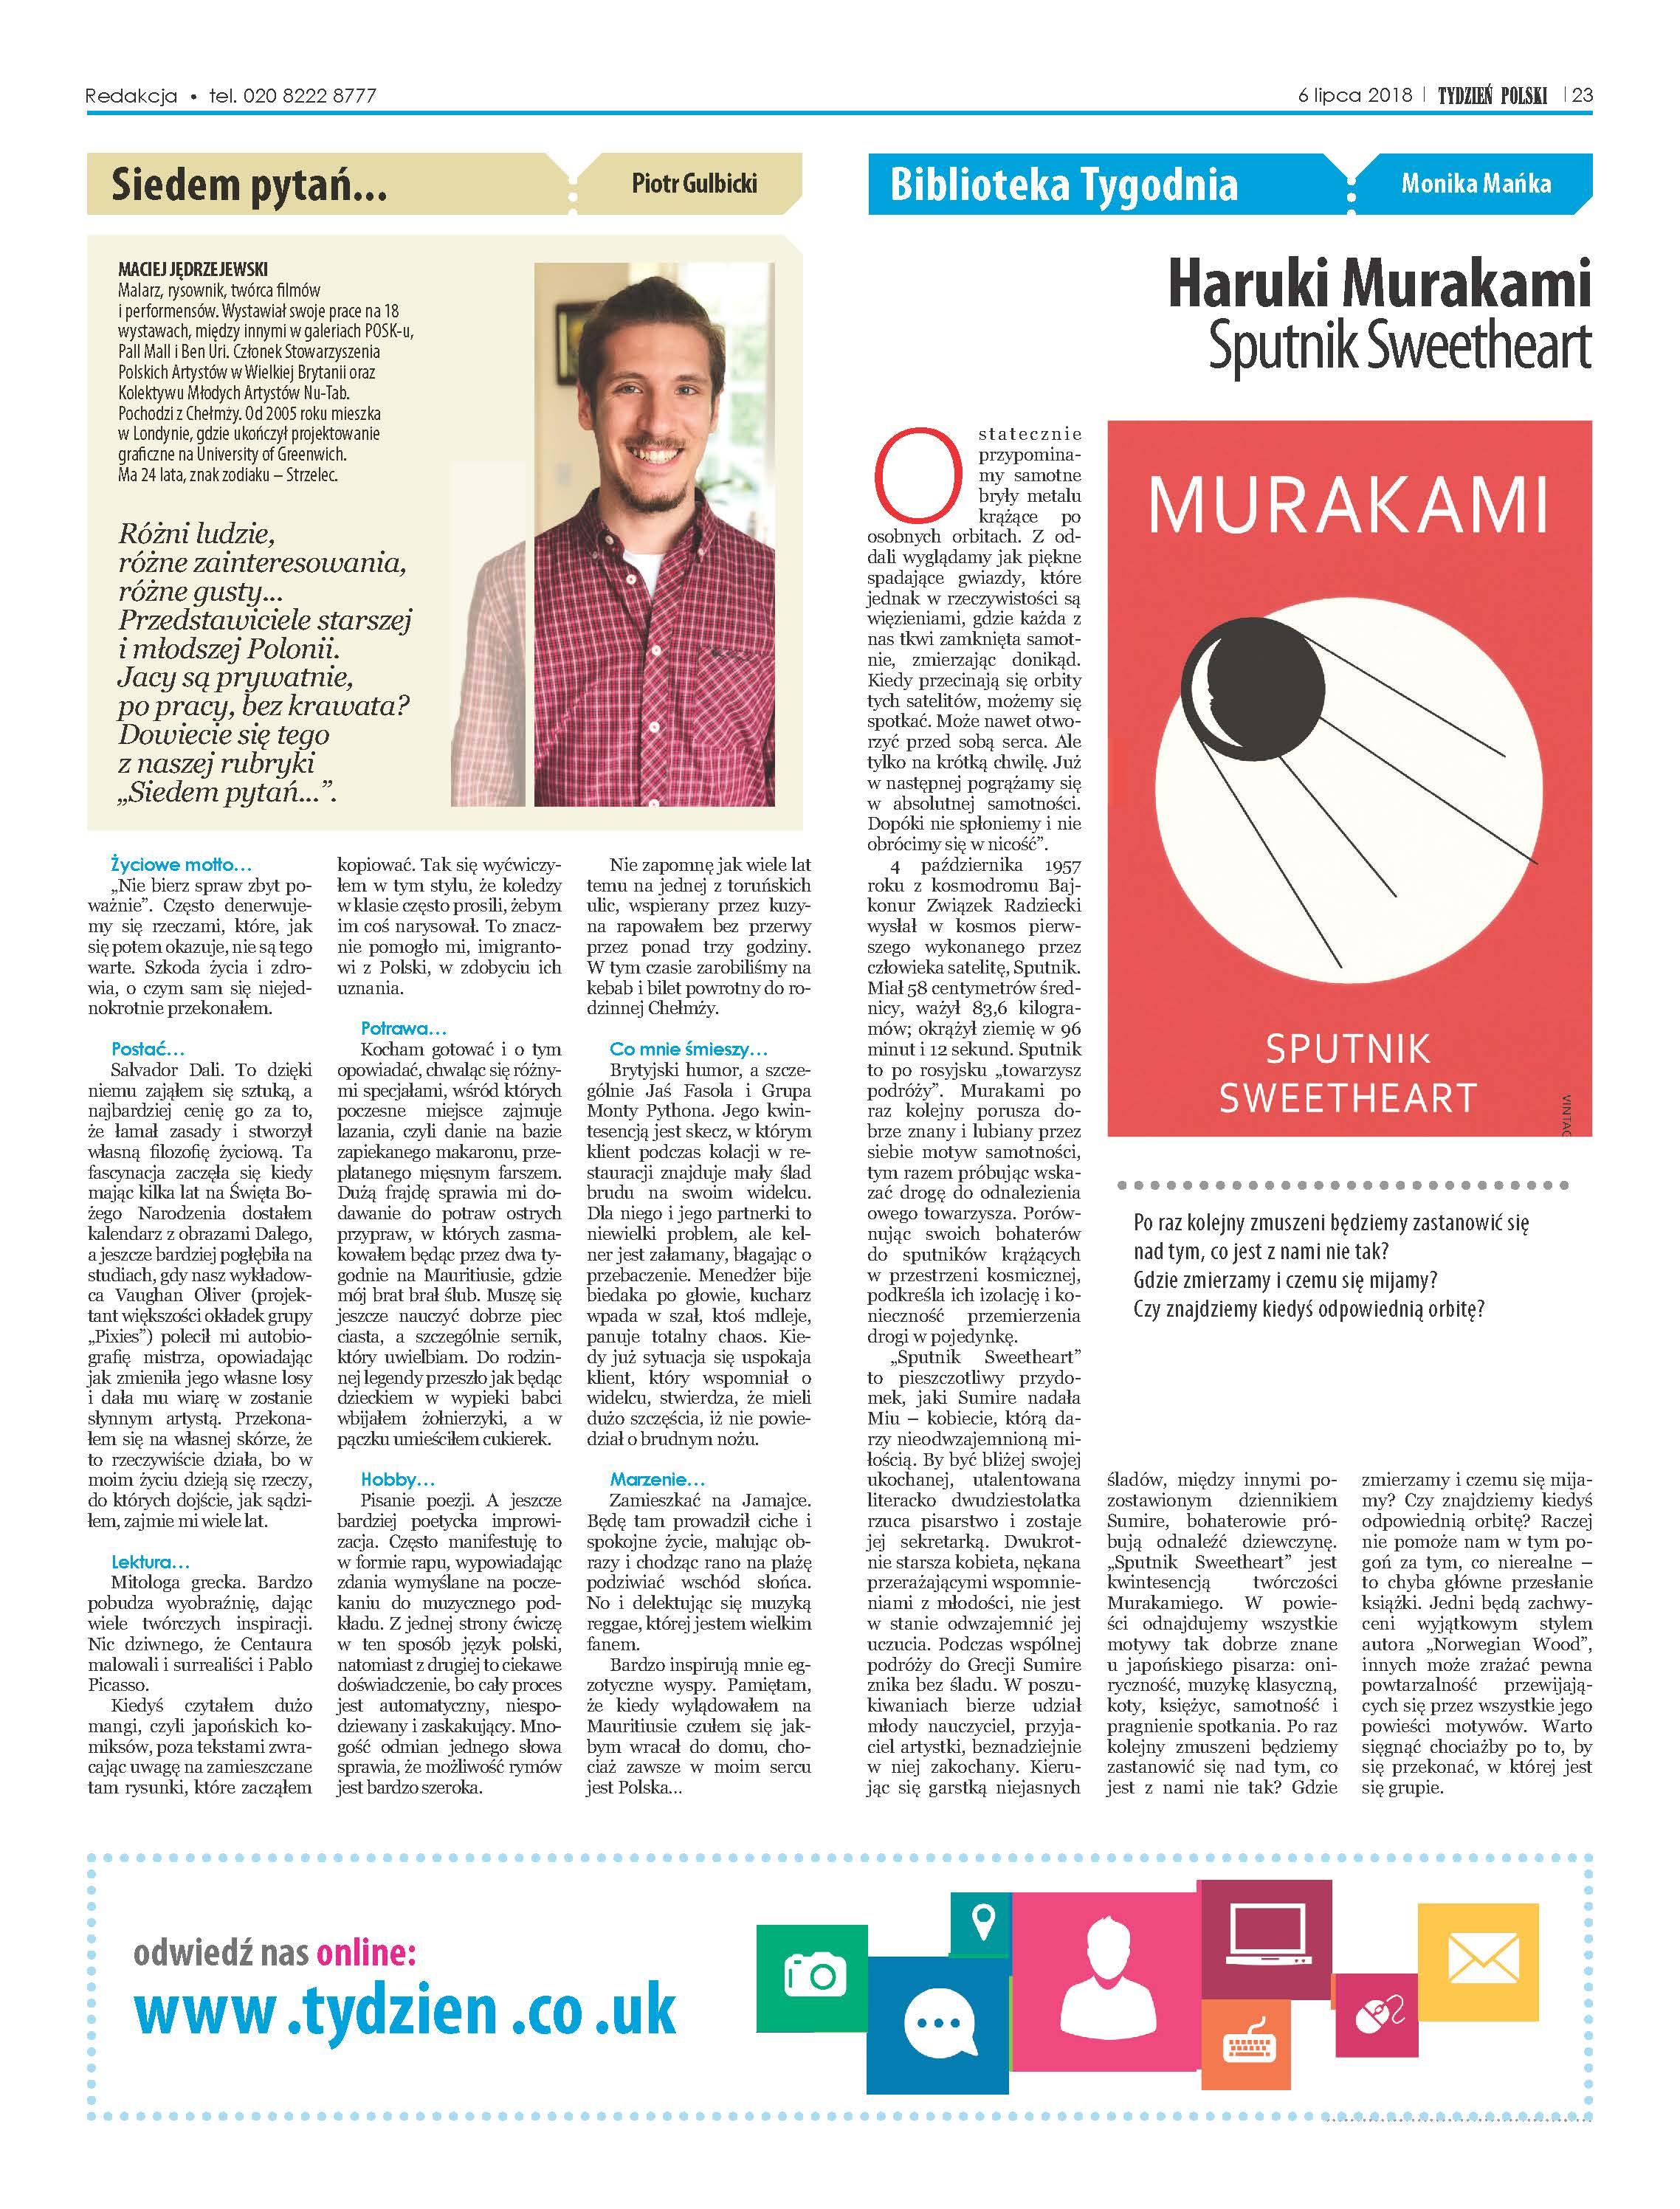 7 pytań - Maciej Jędrzejewski.jpg